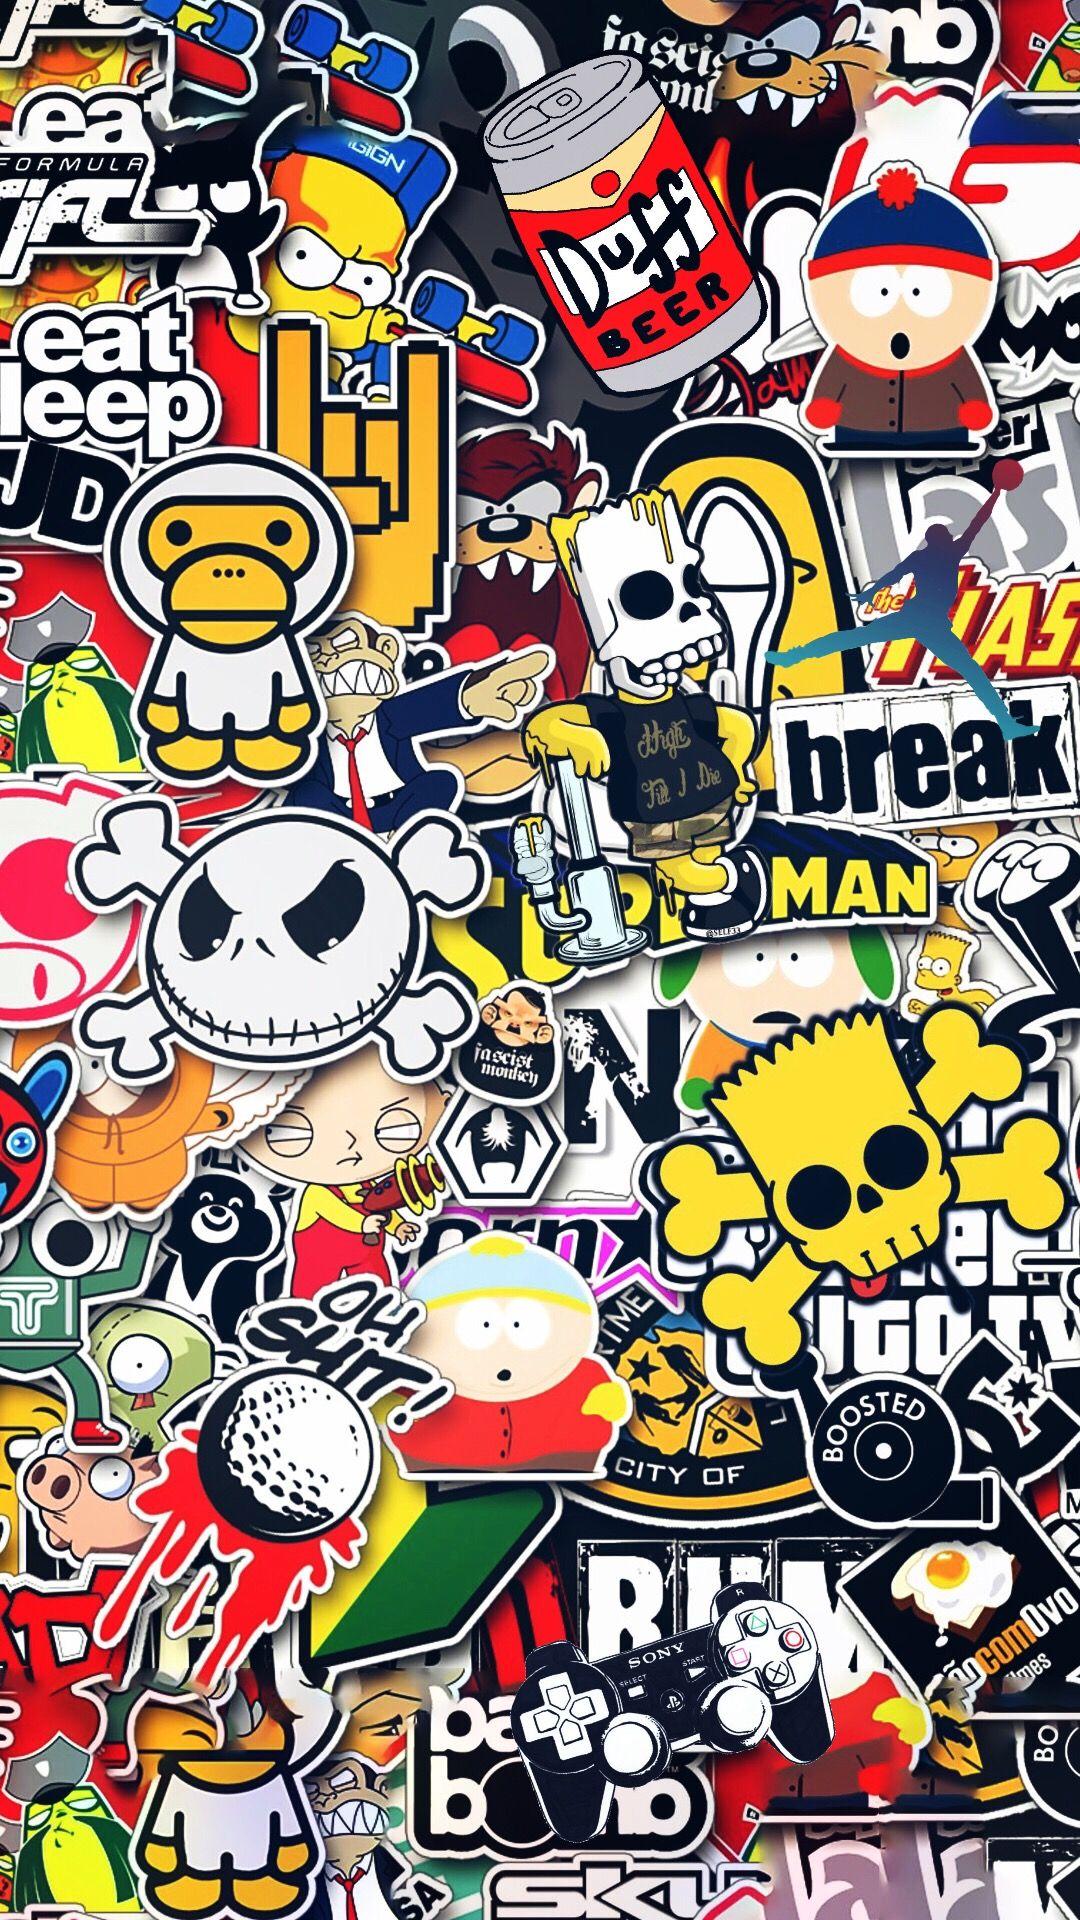 Pin by 🌺 li♡li 🌺 on 发现 Best iphone wallpapers, Sticker